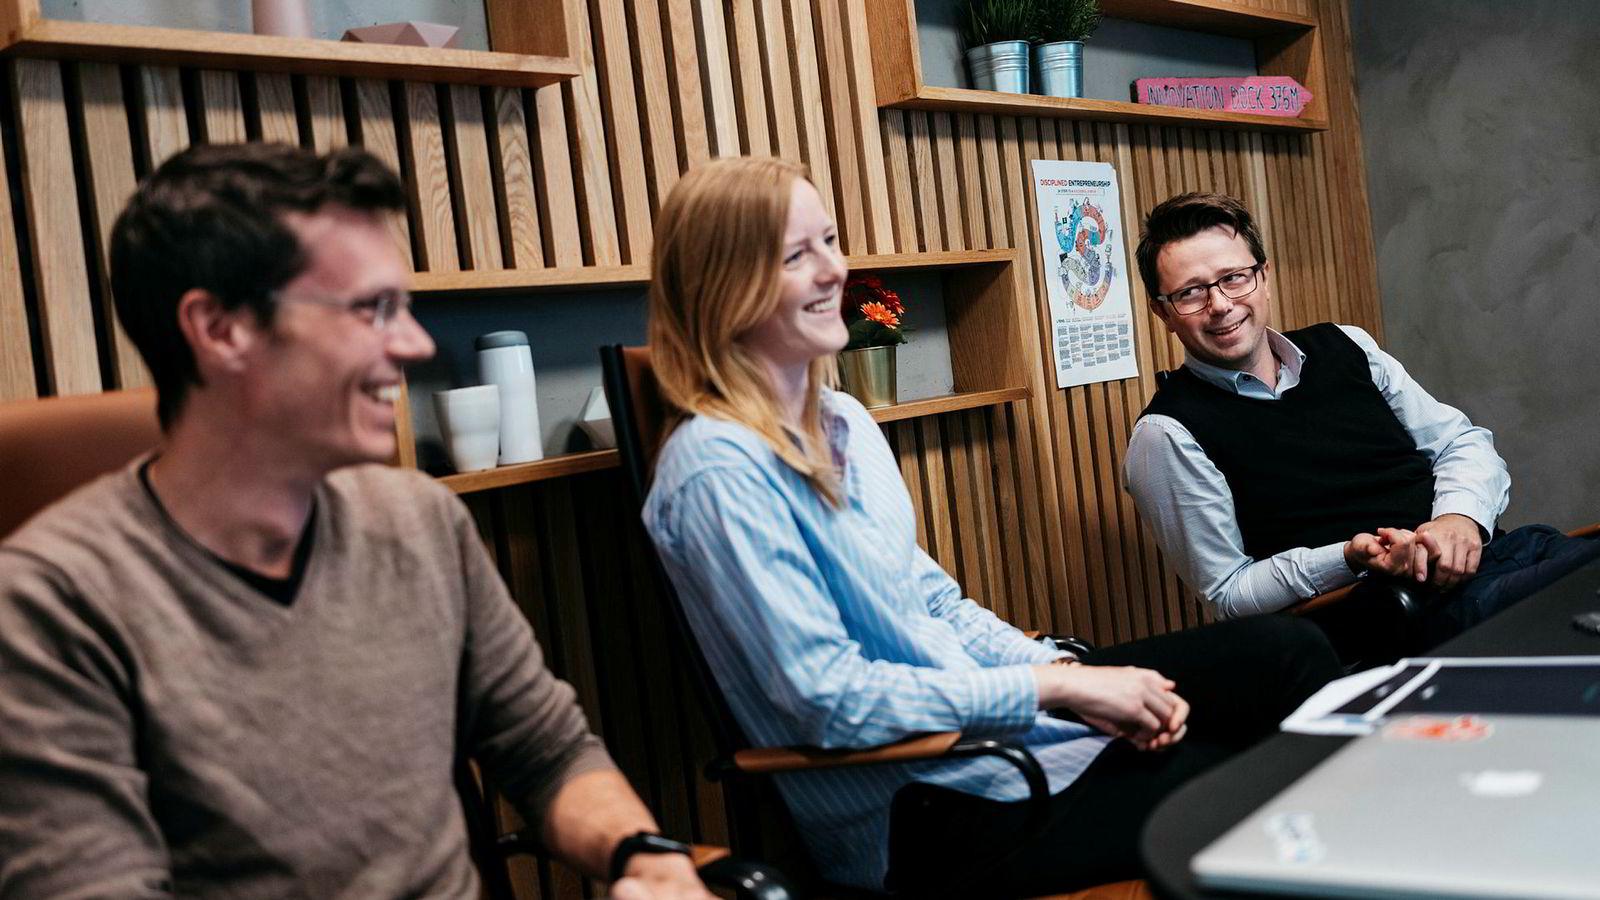 Gründer Dag Josef Foss (til høyre) småkrangler med juridisk direktør Anett Ravndal om hvem som vant en sak de en gang førte mot hverandre. Ravndal er nettopp rekruttert fra Oslo tingrett. Driftssjef Sindre Mariero sitter på siden og ler.